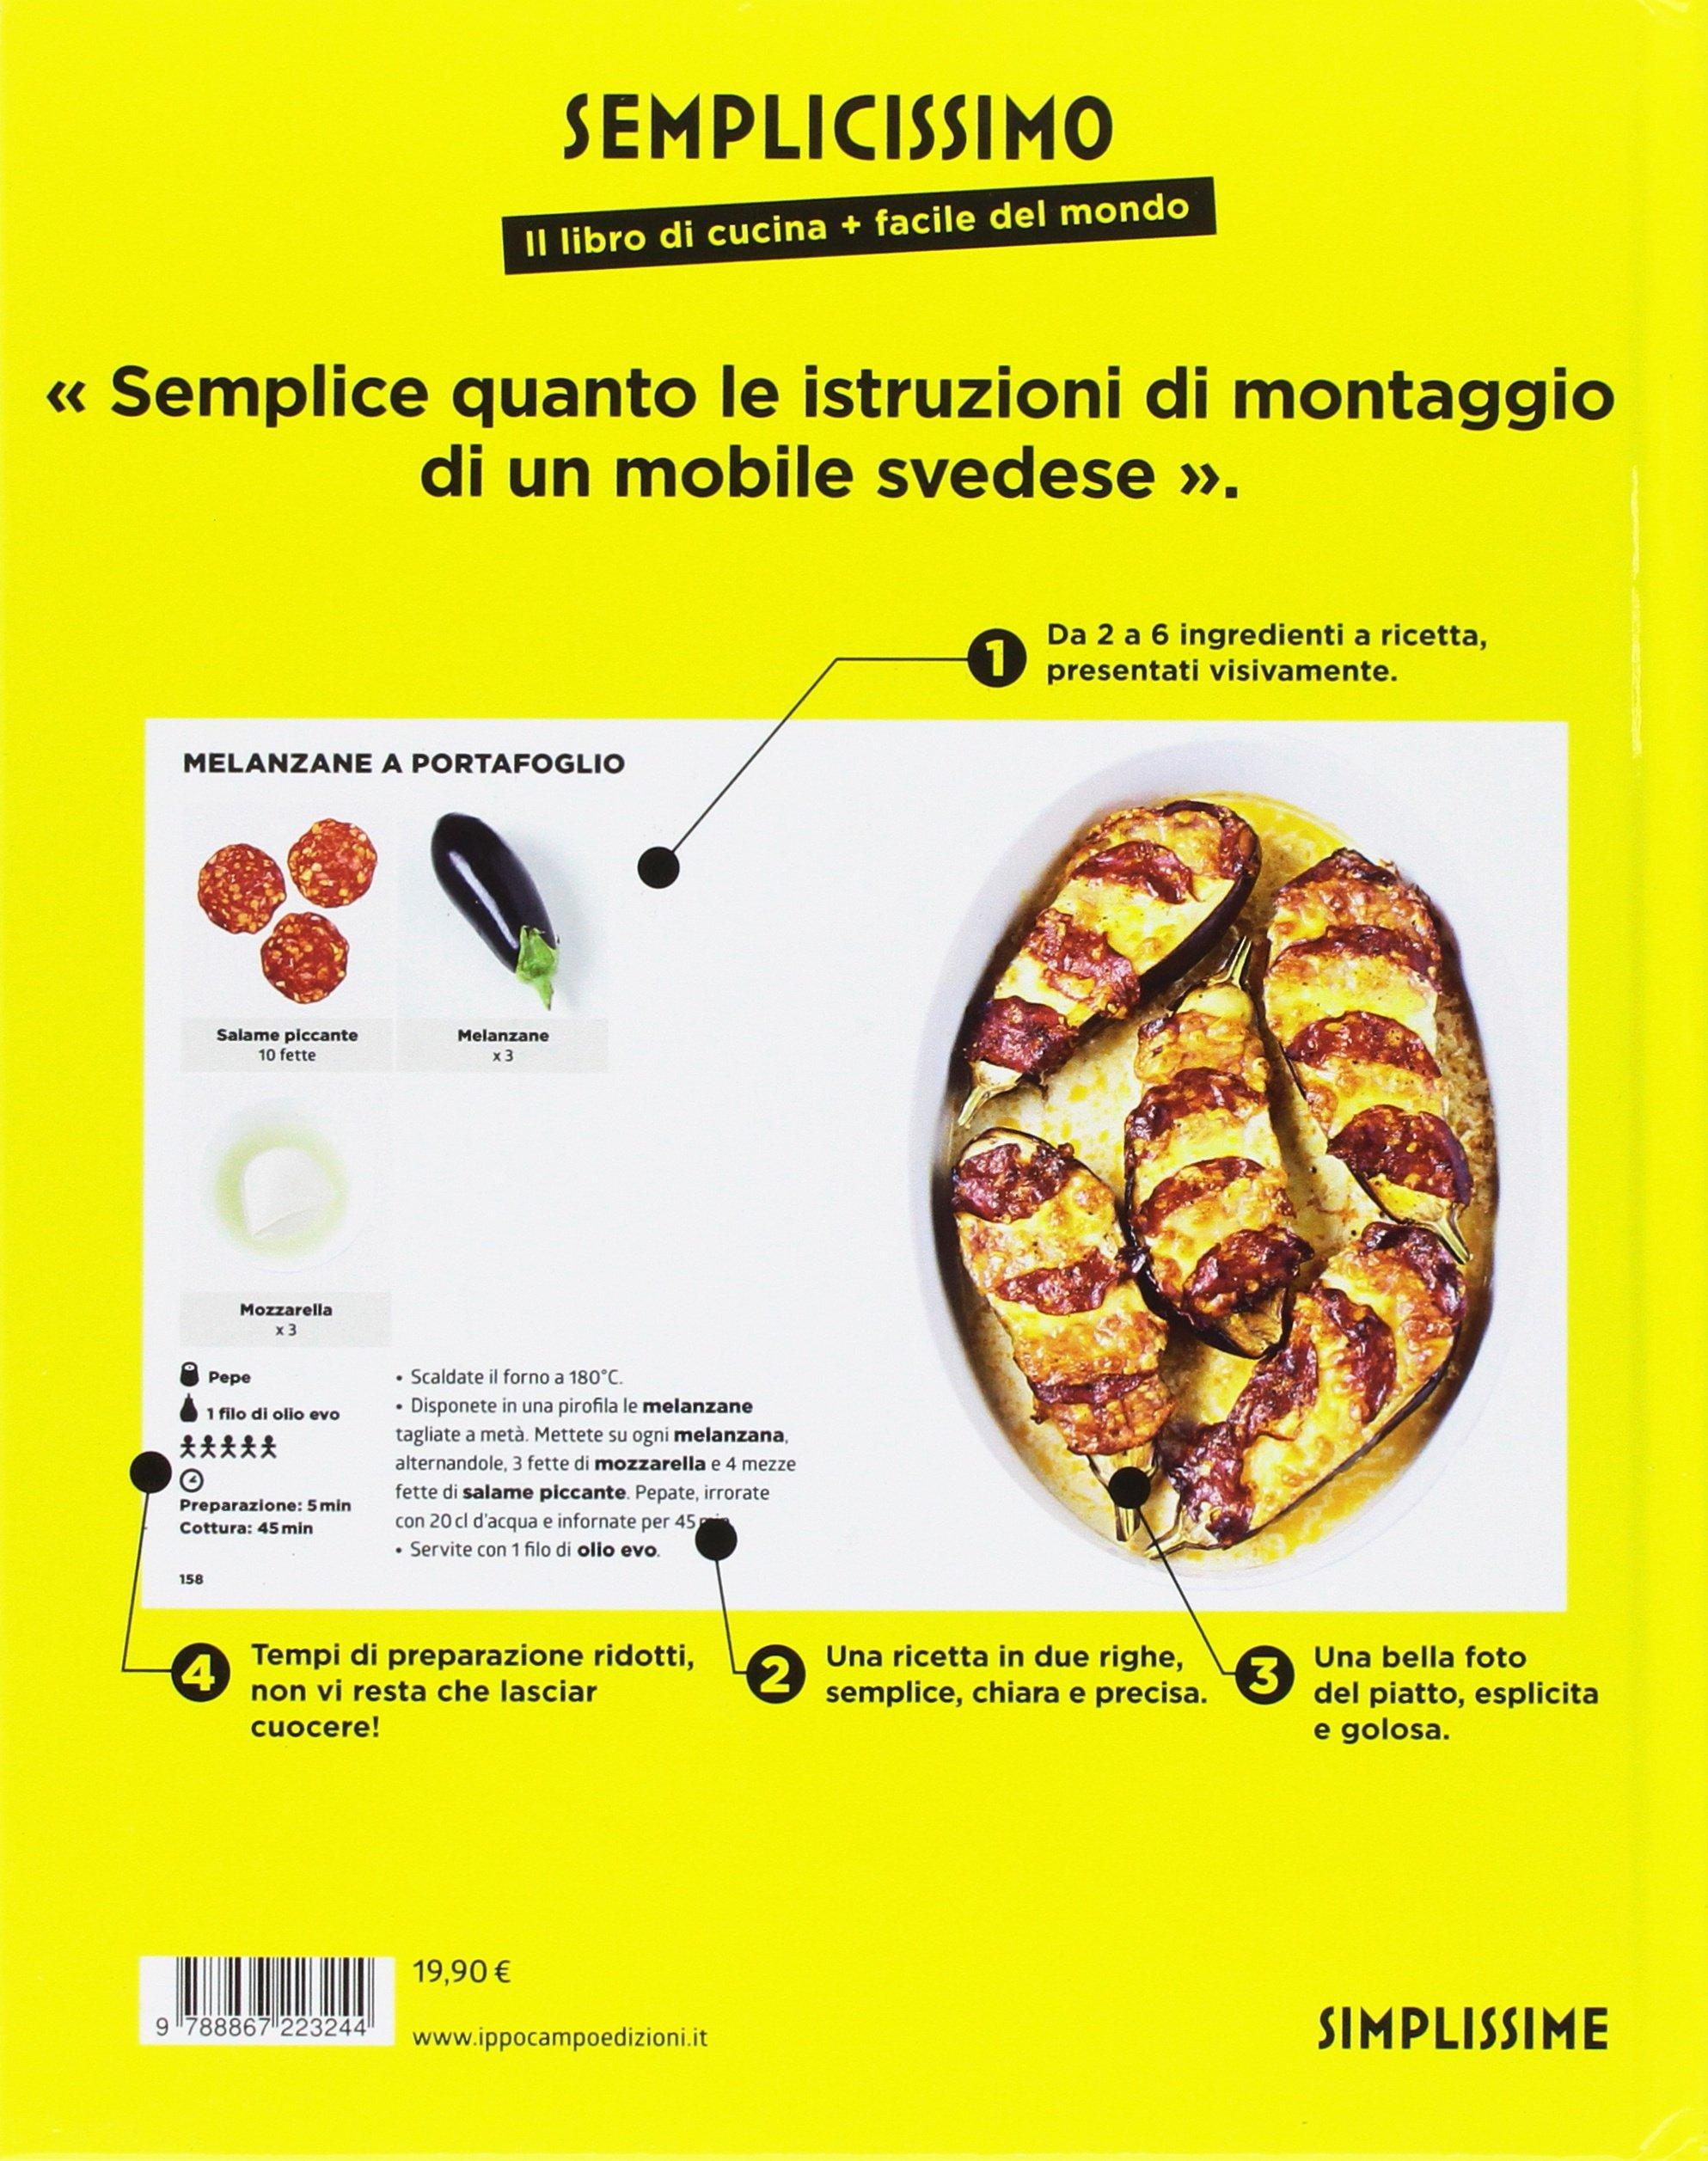 Amazon.it: Semplicissimo. Il libro di cucina + facile del mondo: 2 ...